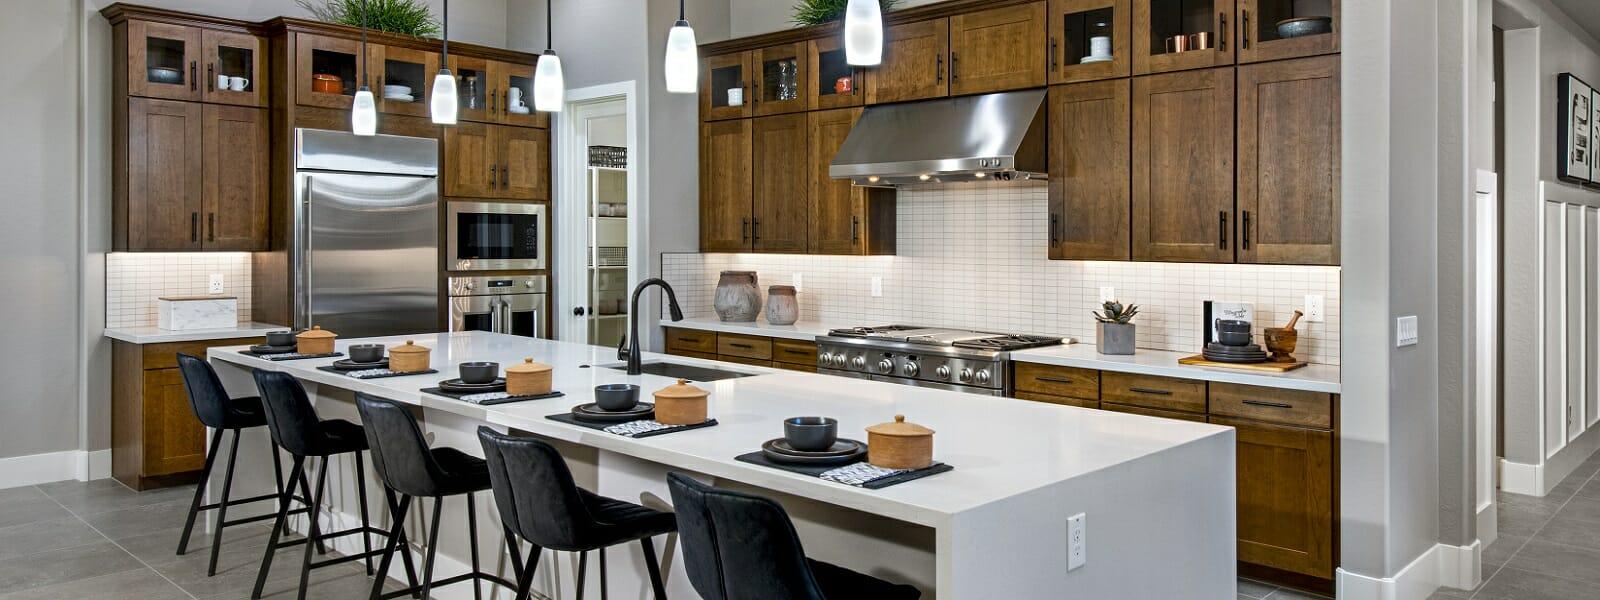 New Homes near Phoenix | Galloway Ridge by K. Hovnanian Homes | AZ